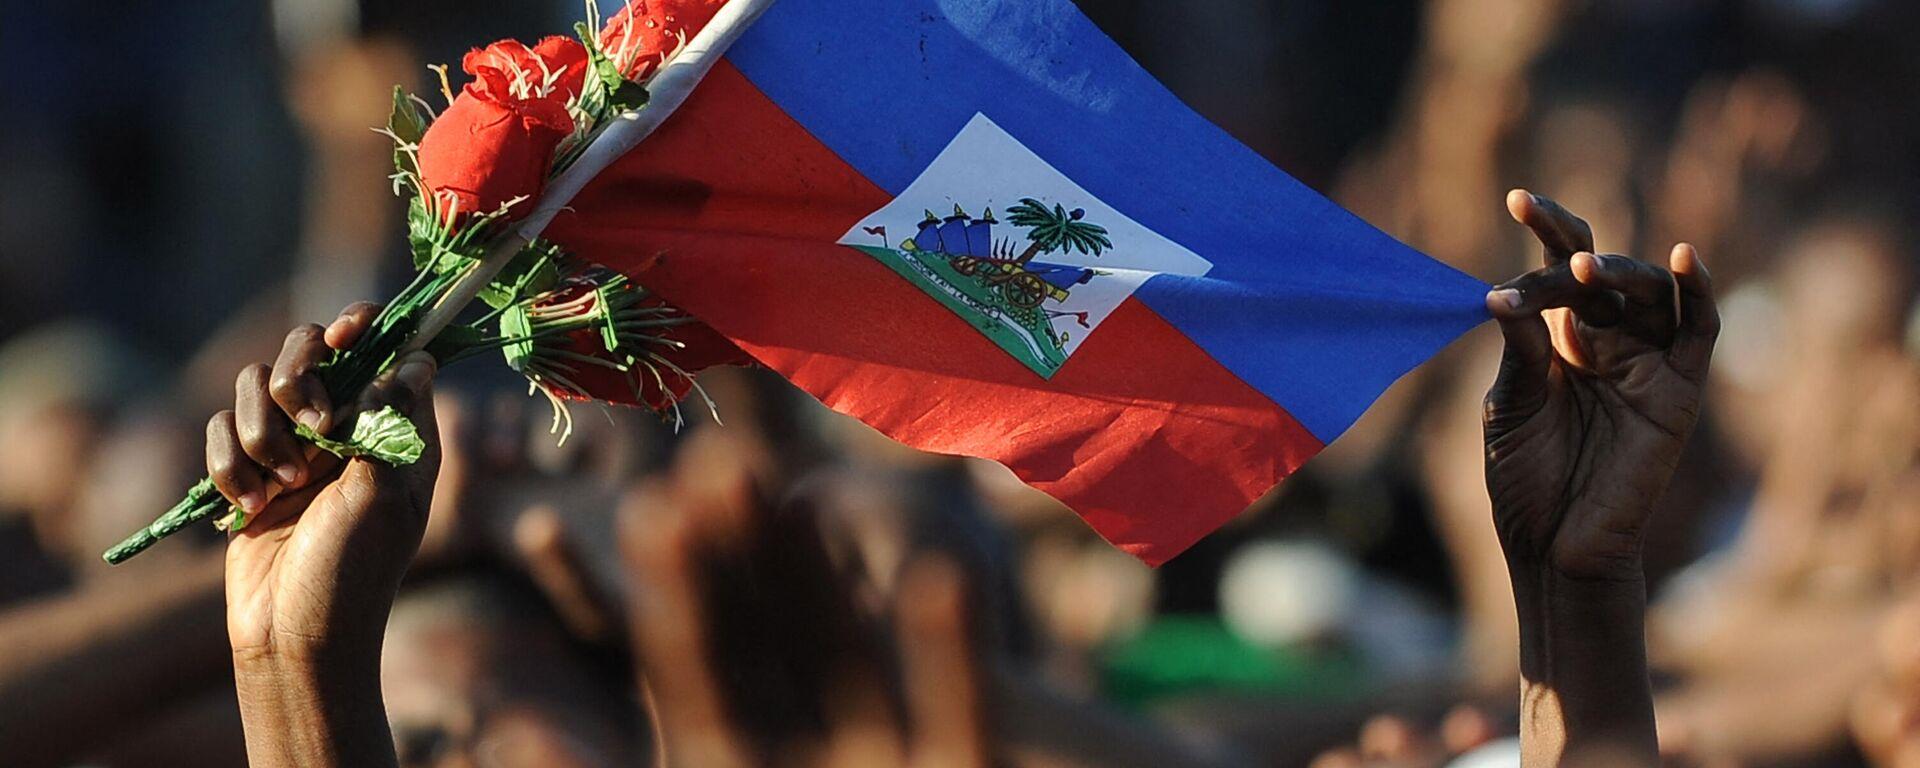 La bandera de Haití - Sputnik Mundo, 1920, 15.07.2021